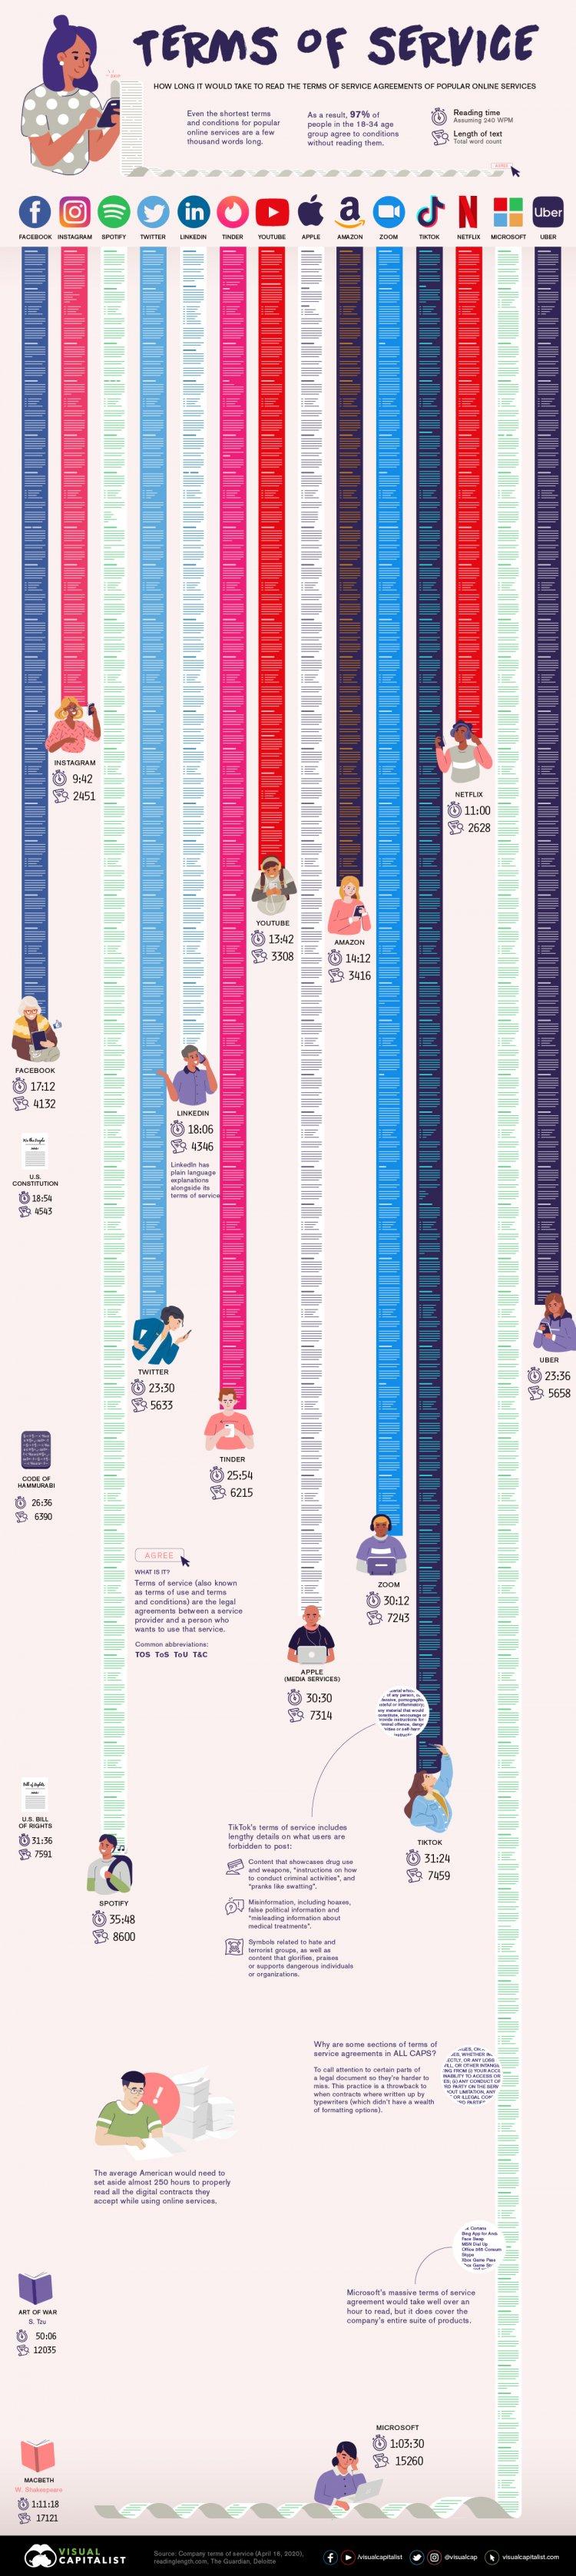 Аналітики підрахували, скільки часу потрібно на читання угод про використання популярних додатків